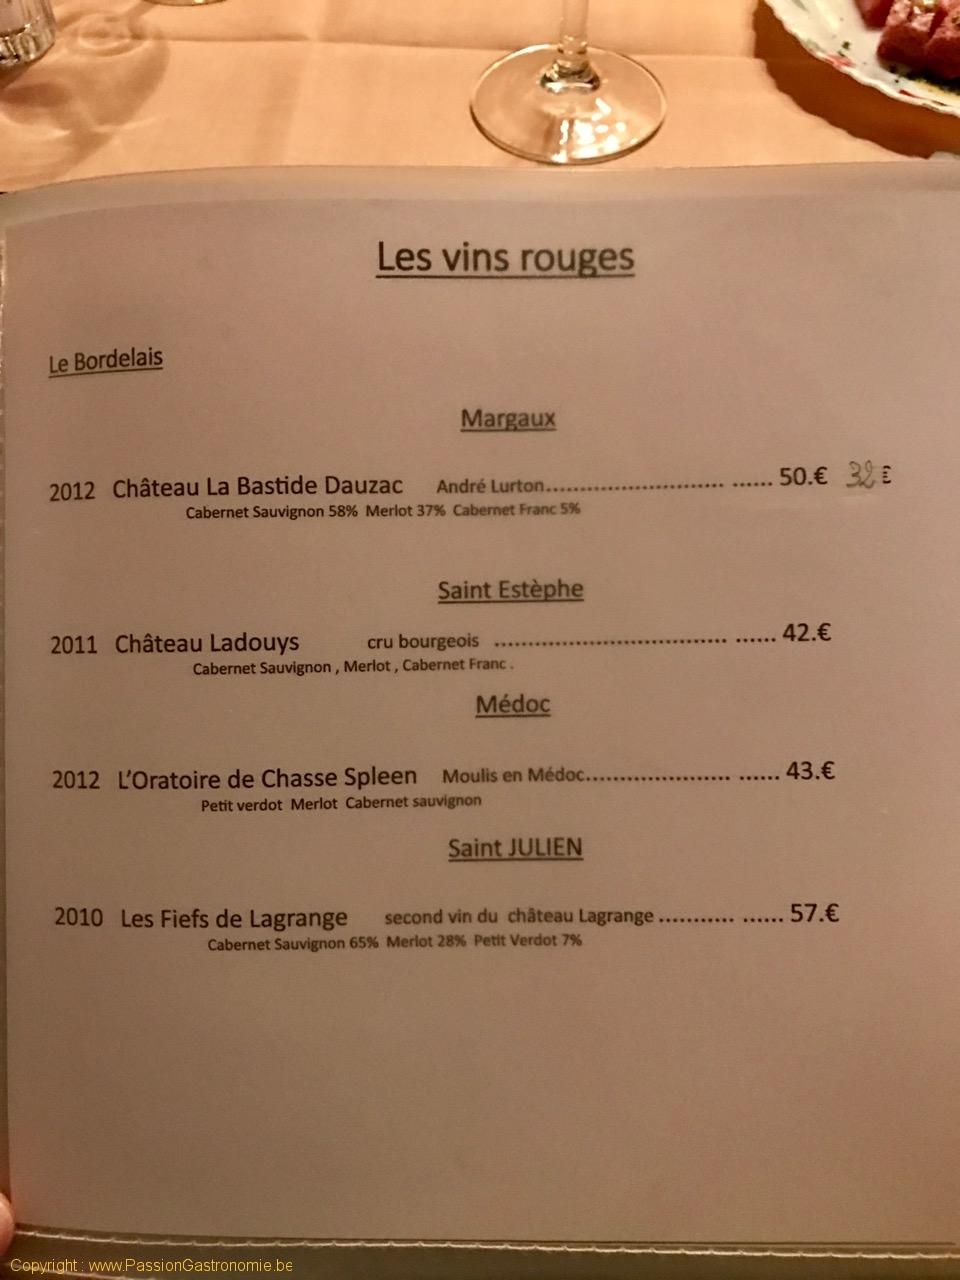 Restaurant Au Provencal - Les vins rouges